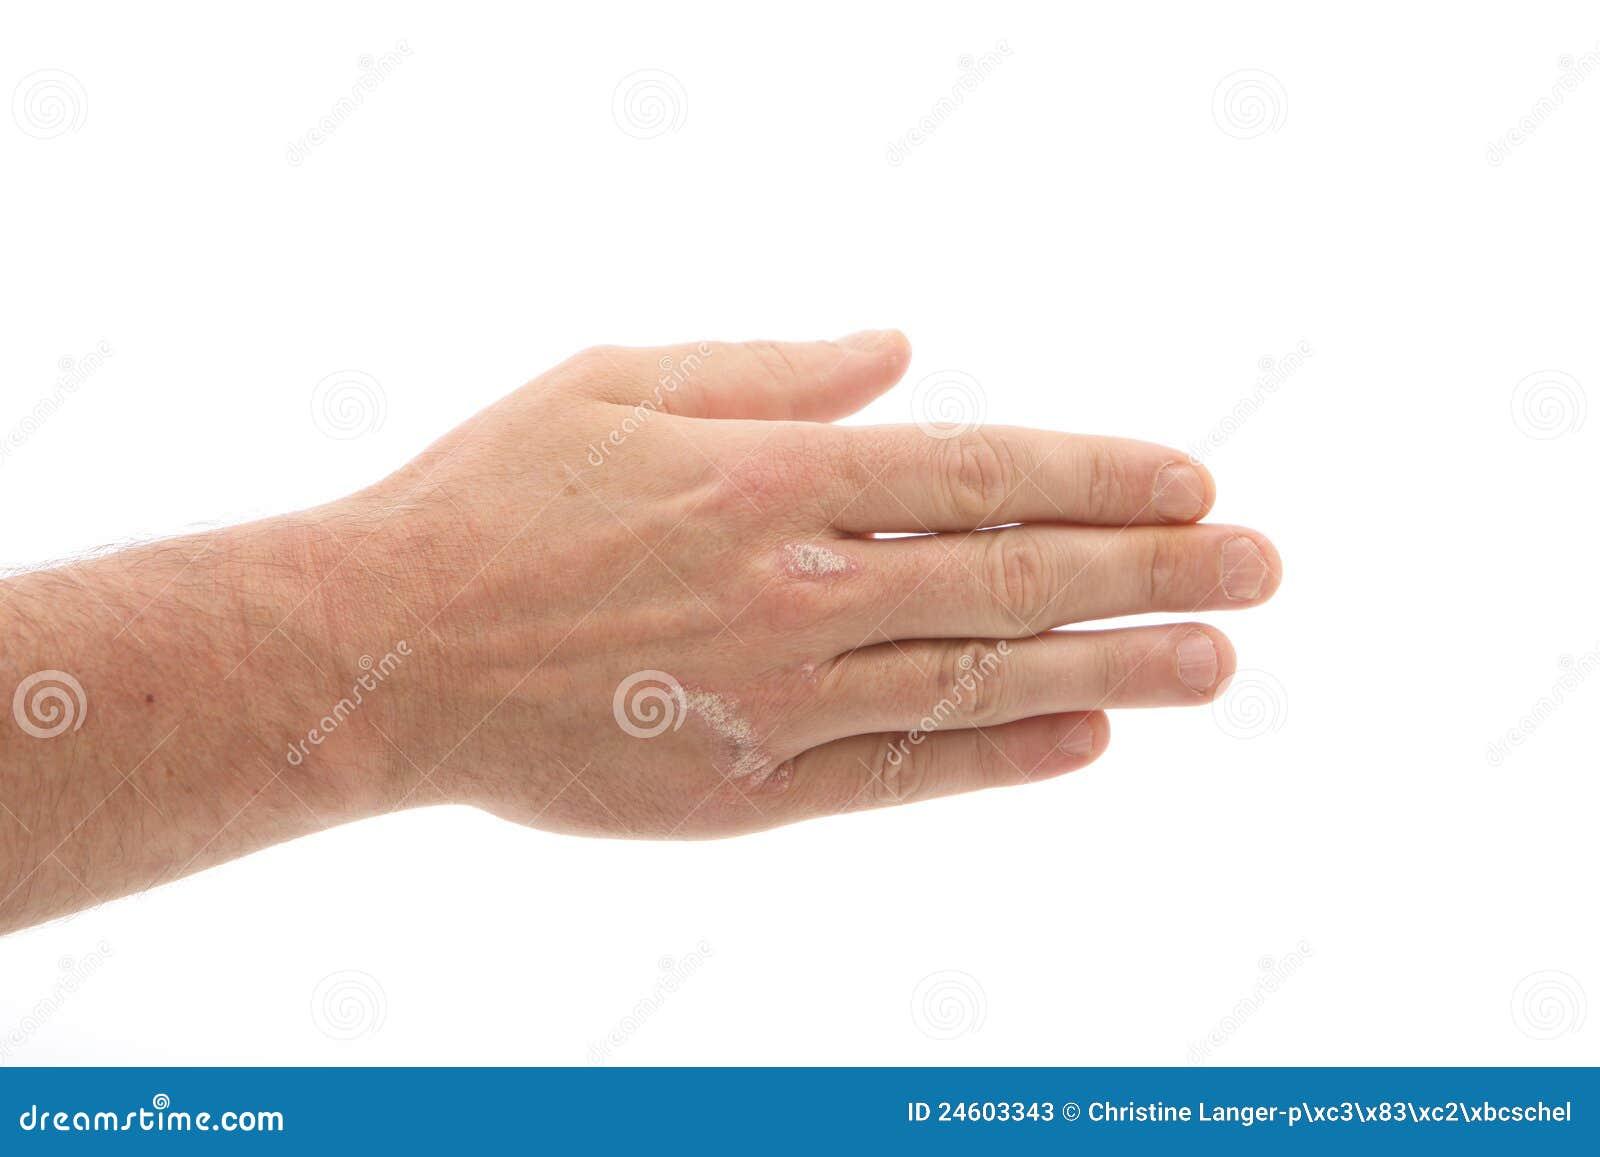 Le moyen des eczémas et le psoriasis à bras